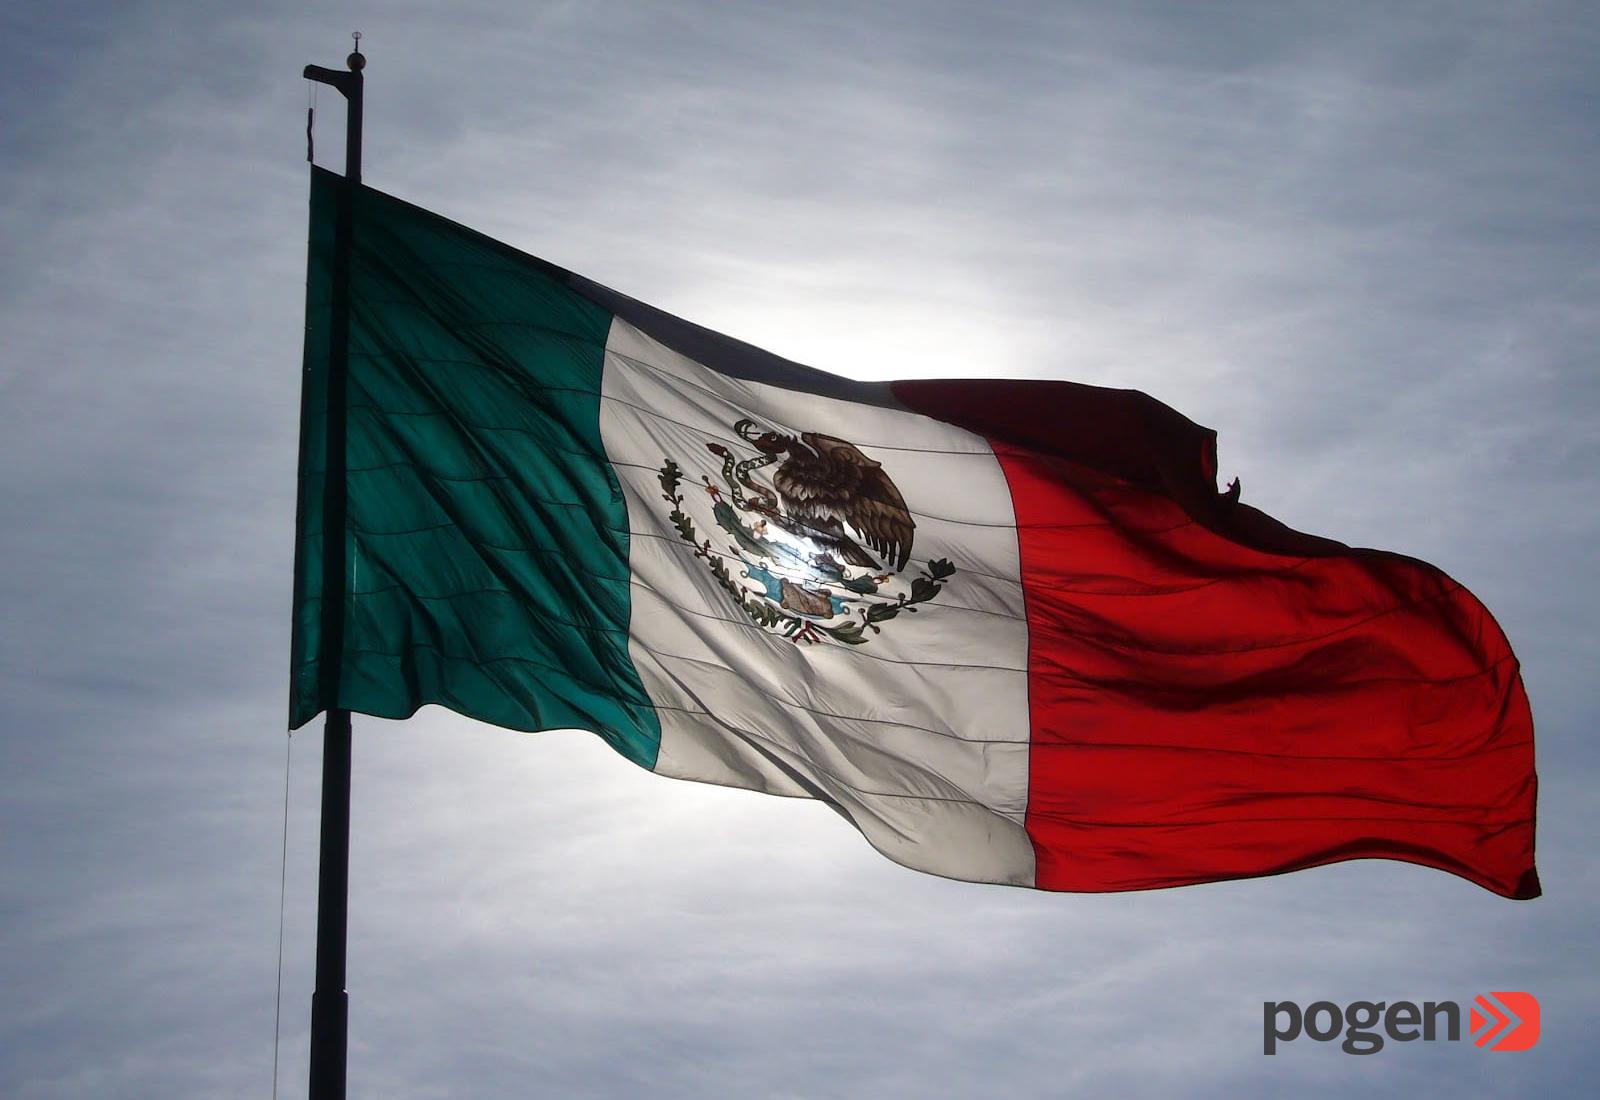 """<span id=""""hs_cos_wrapper_name"""" class=""""hs_cos_wrapper hs_cos_wrapper_meta_field hs_cos_wrapper_type_text"""" style="""""""" data-hs-cos-general-type=""""meta_field"""" data-hs-cos-type=""""text"""" >El retail vs la recesión económica en México</span>"""